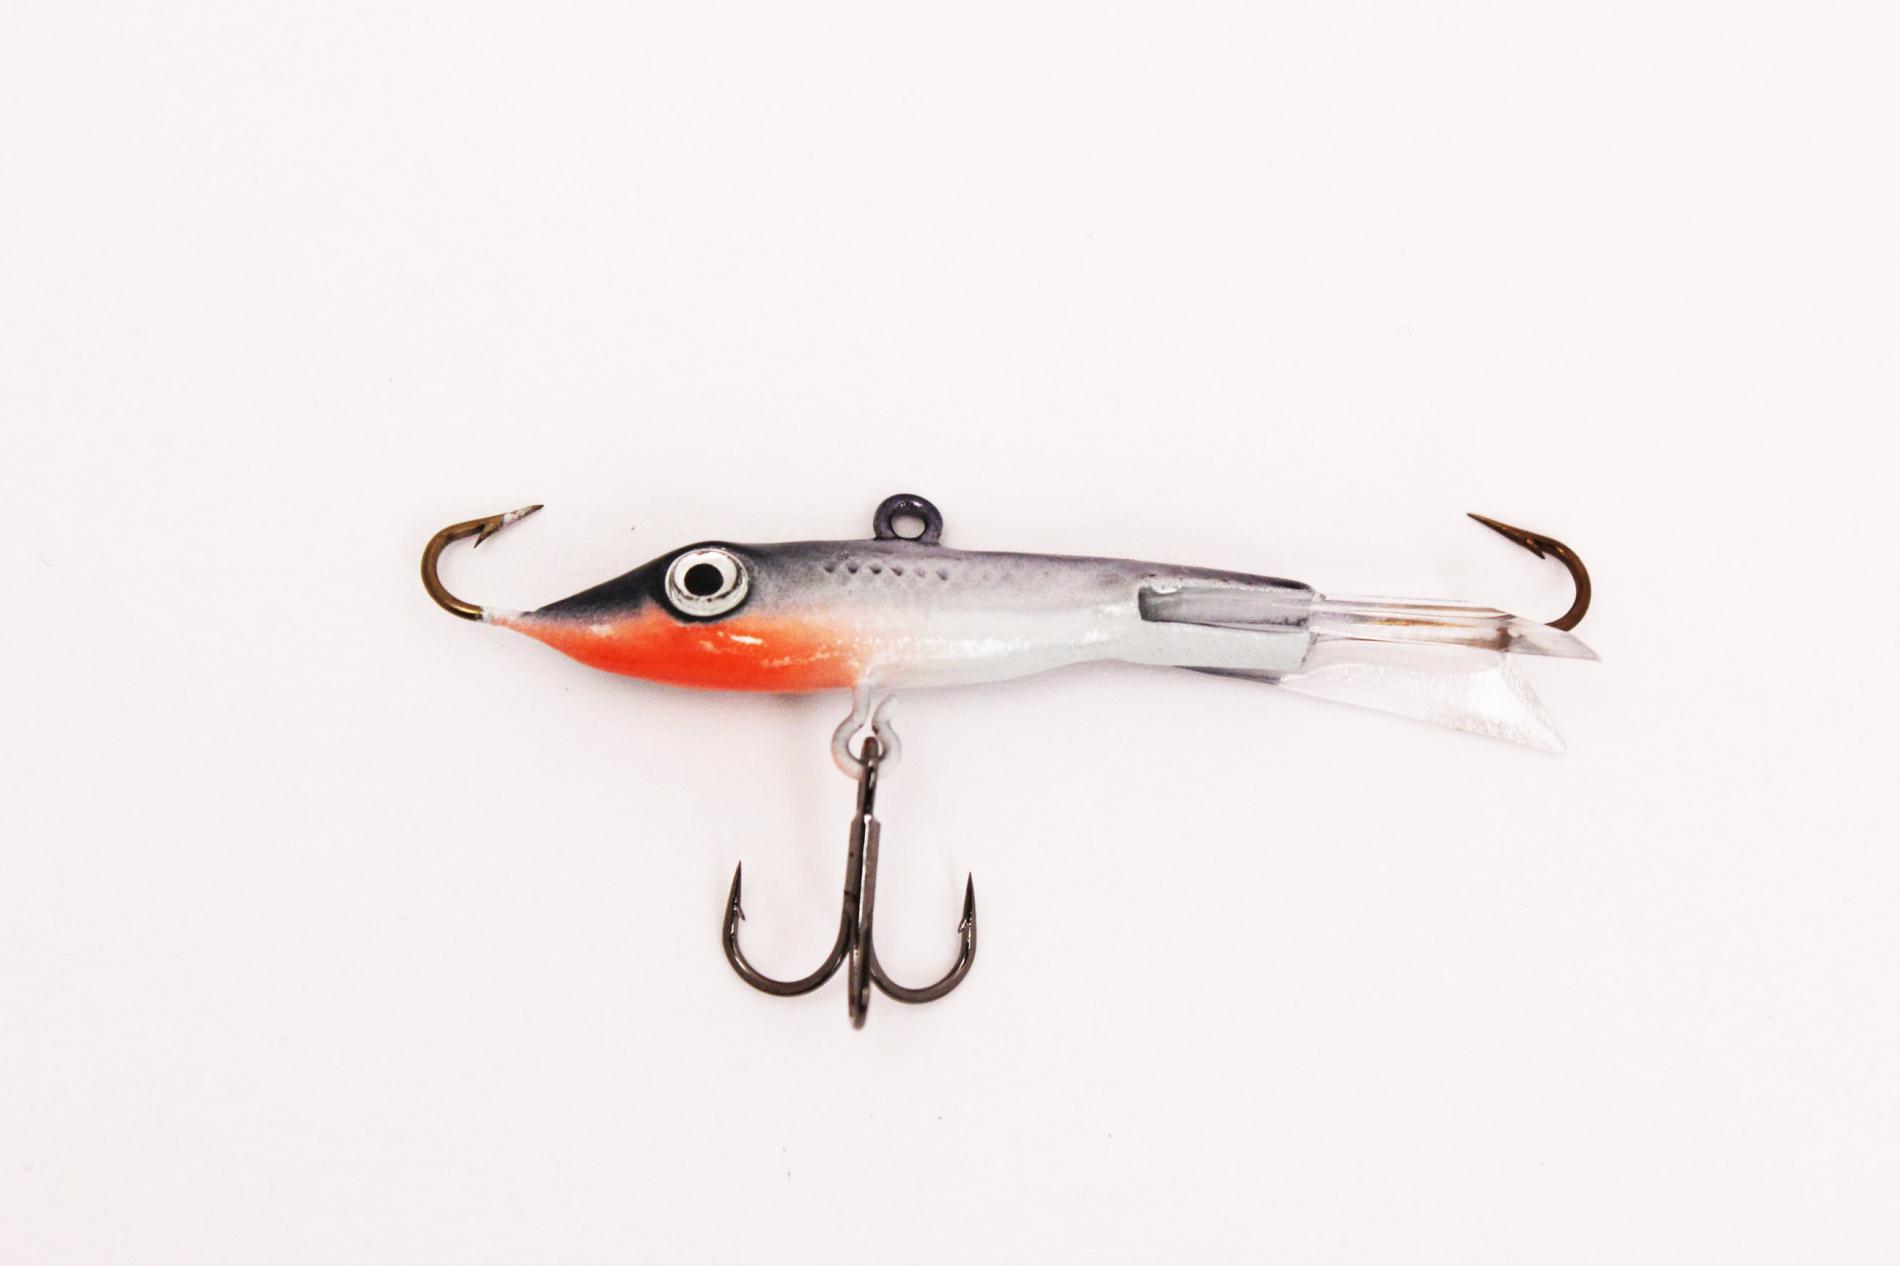 Балансир JIG MASTER Финский 5см 8,5гр цвет СеребристыйБалансиры<br>Балансир для ловли окуня и щуки. Имеет качественное <br>покрытие. Превосходно привлекает хищника <br>с большого расстояния.<br>